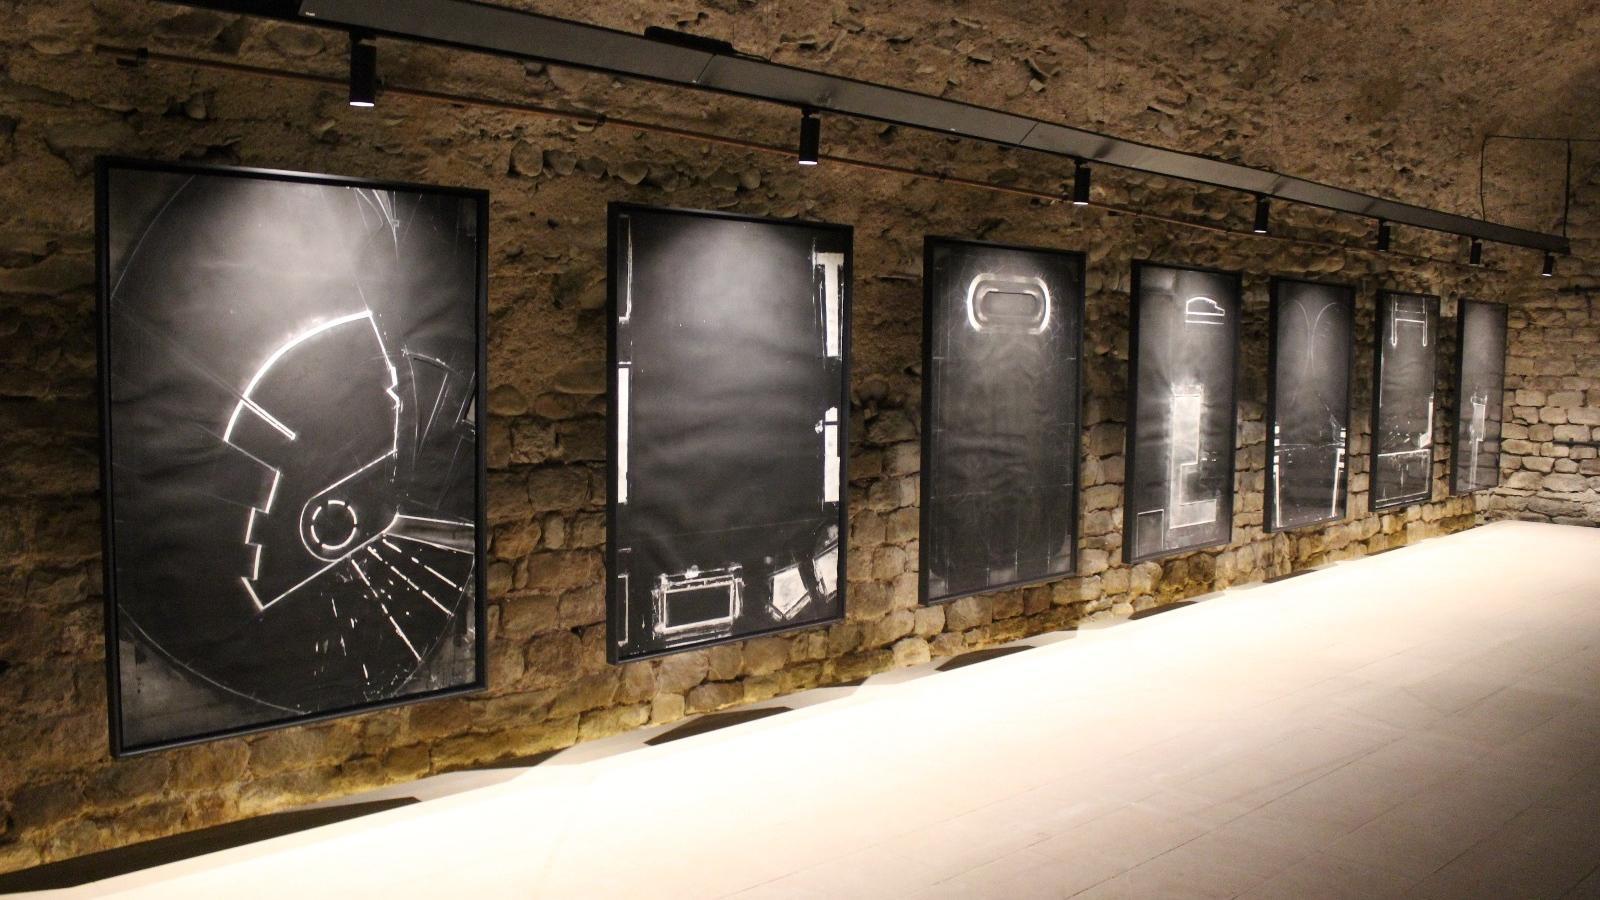 Les set pintures de l'Obra negra' de Frederic Amat a l'Albegueria de Vic